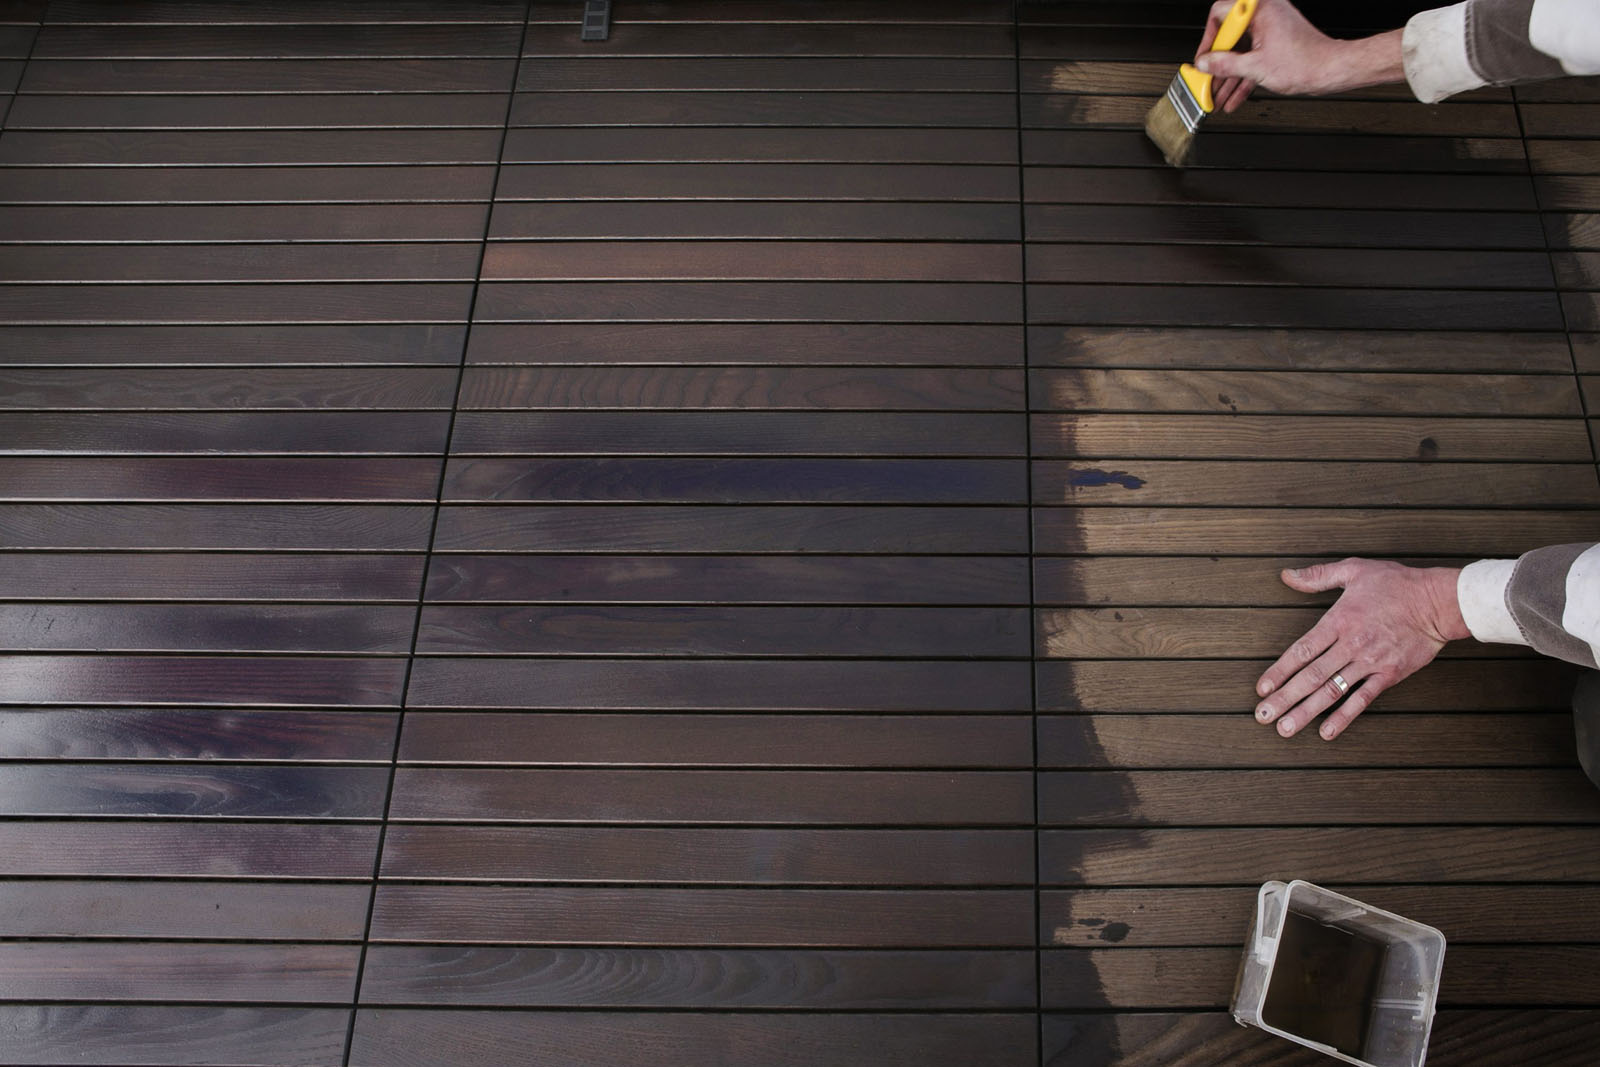 Zagreb, 090516.  Stan od 35 metara kvadratnih u Preckom pratili smo u svim fazama preuredjenja. Od biranja stana, pocetnog stanja, odabira projekta uredjenja, majstora, dovozenja namjestaja i konacnog uredjenja.  Obilazili smo majstore i prodajne salone u kojima se birao namjestaj i materijal za gradnju.  Na fotografiji: Balkon od pocetnog do uredjenog  Foto: Berislava Picek/ CROPIX